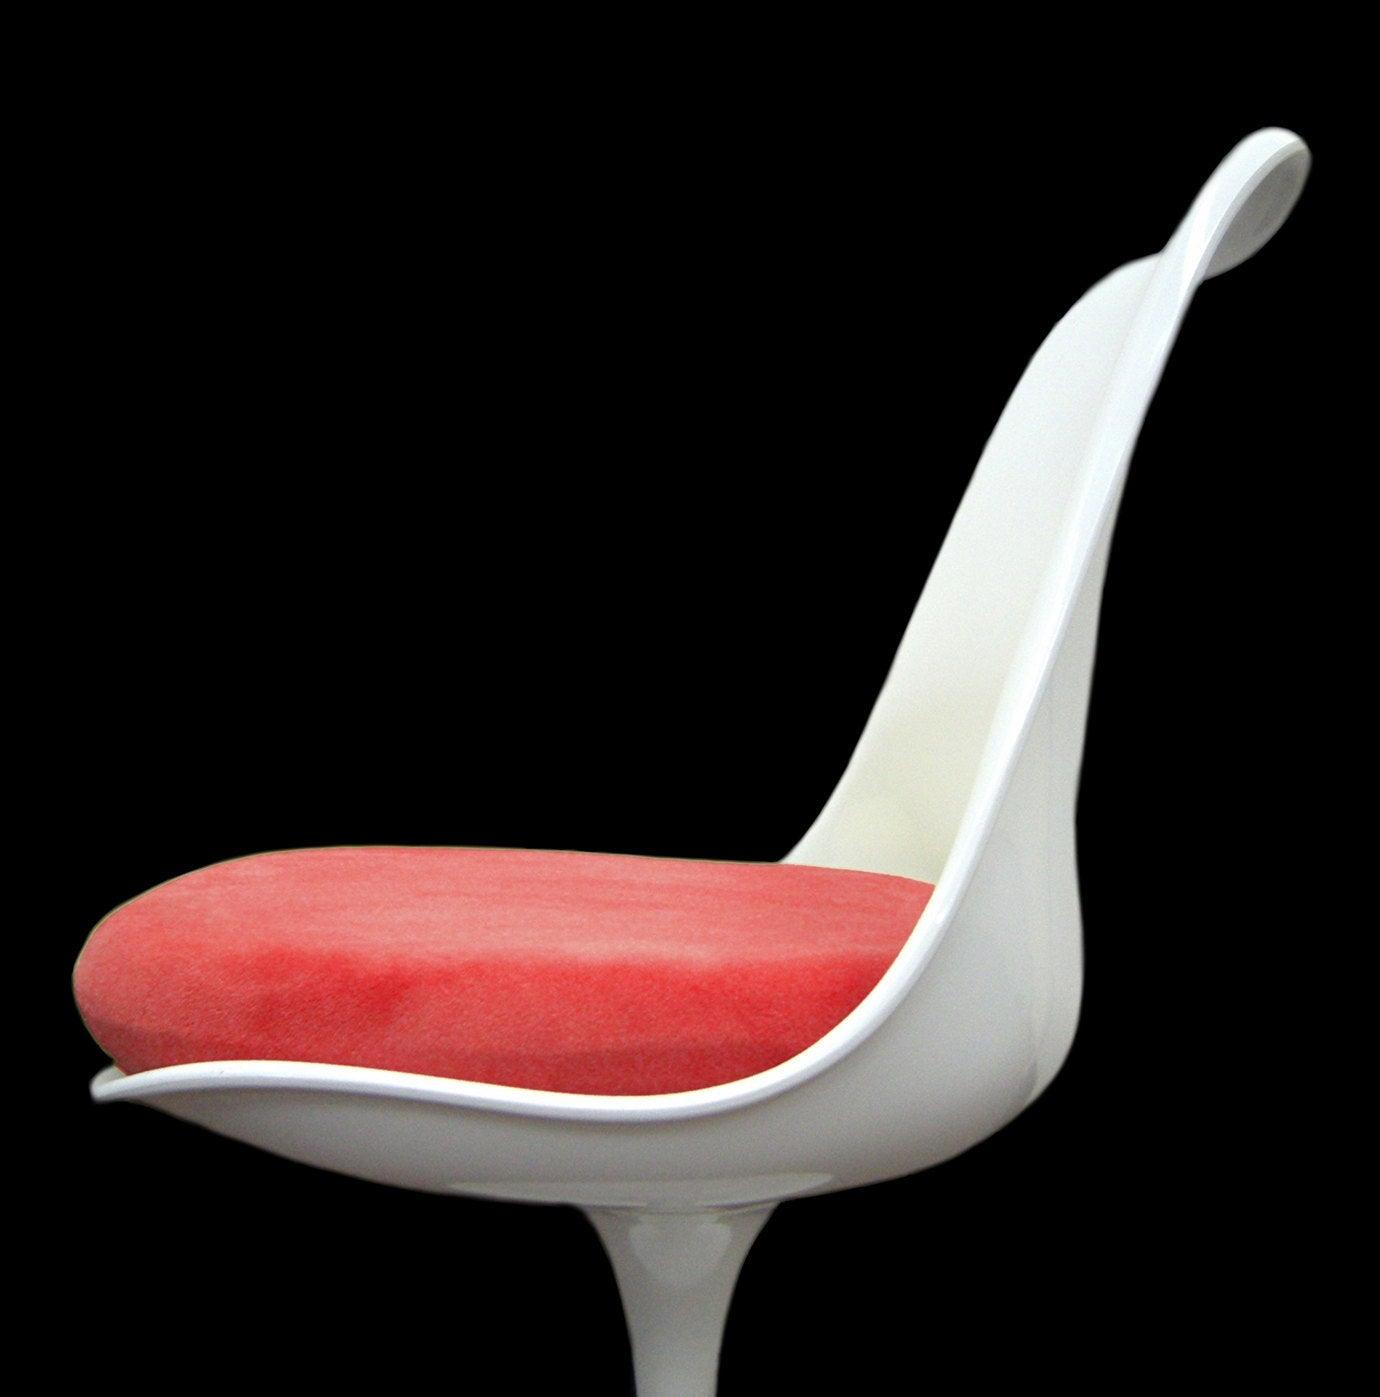 Beau Red Tulip Chair Cushion Cover